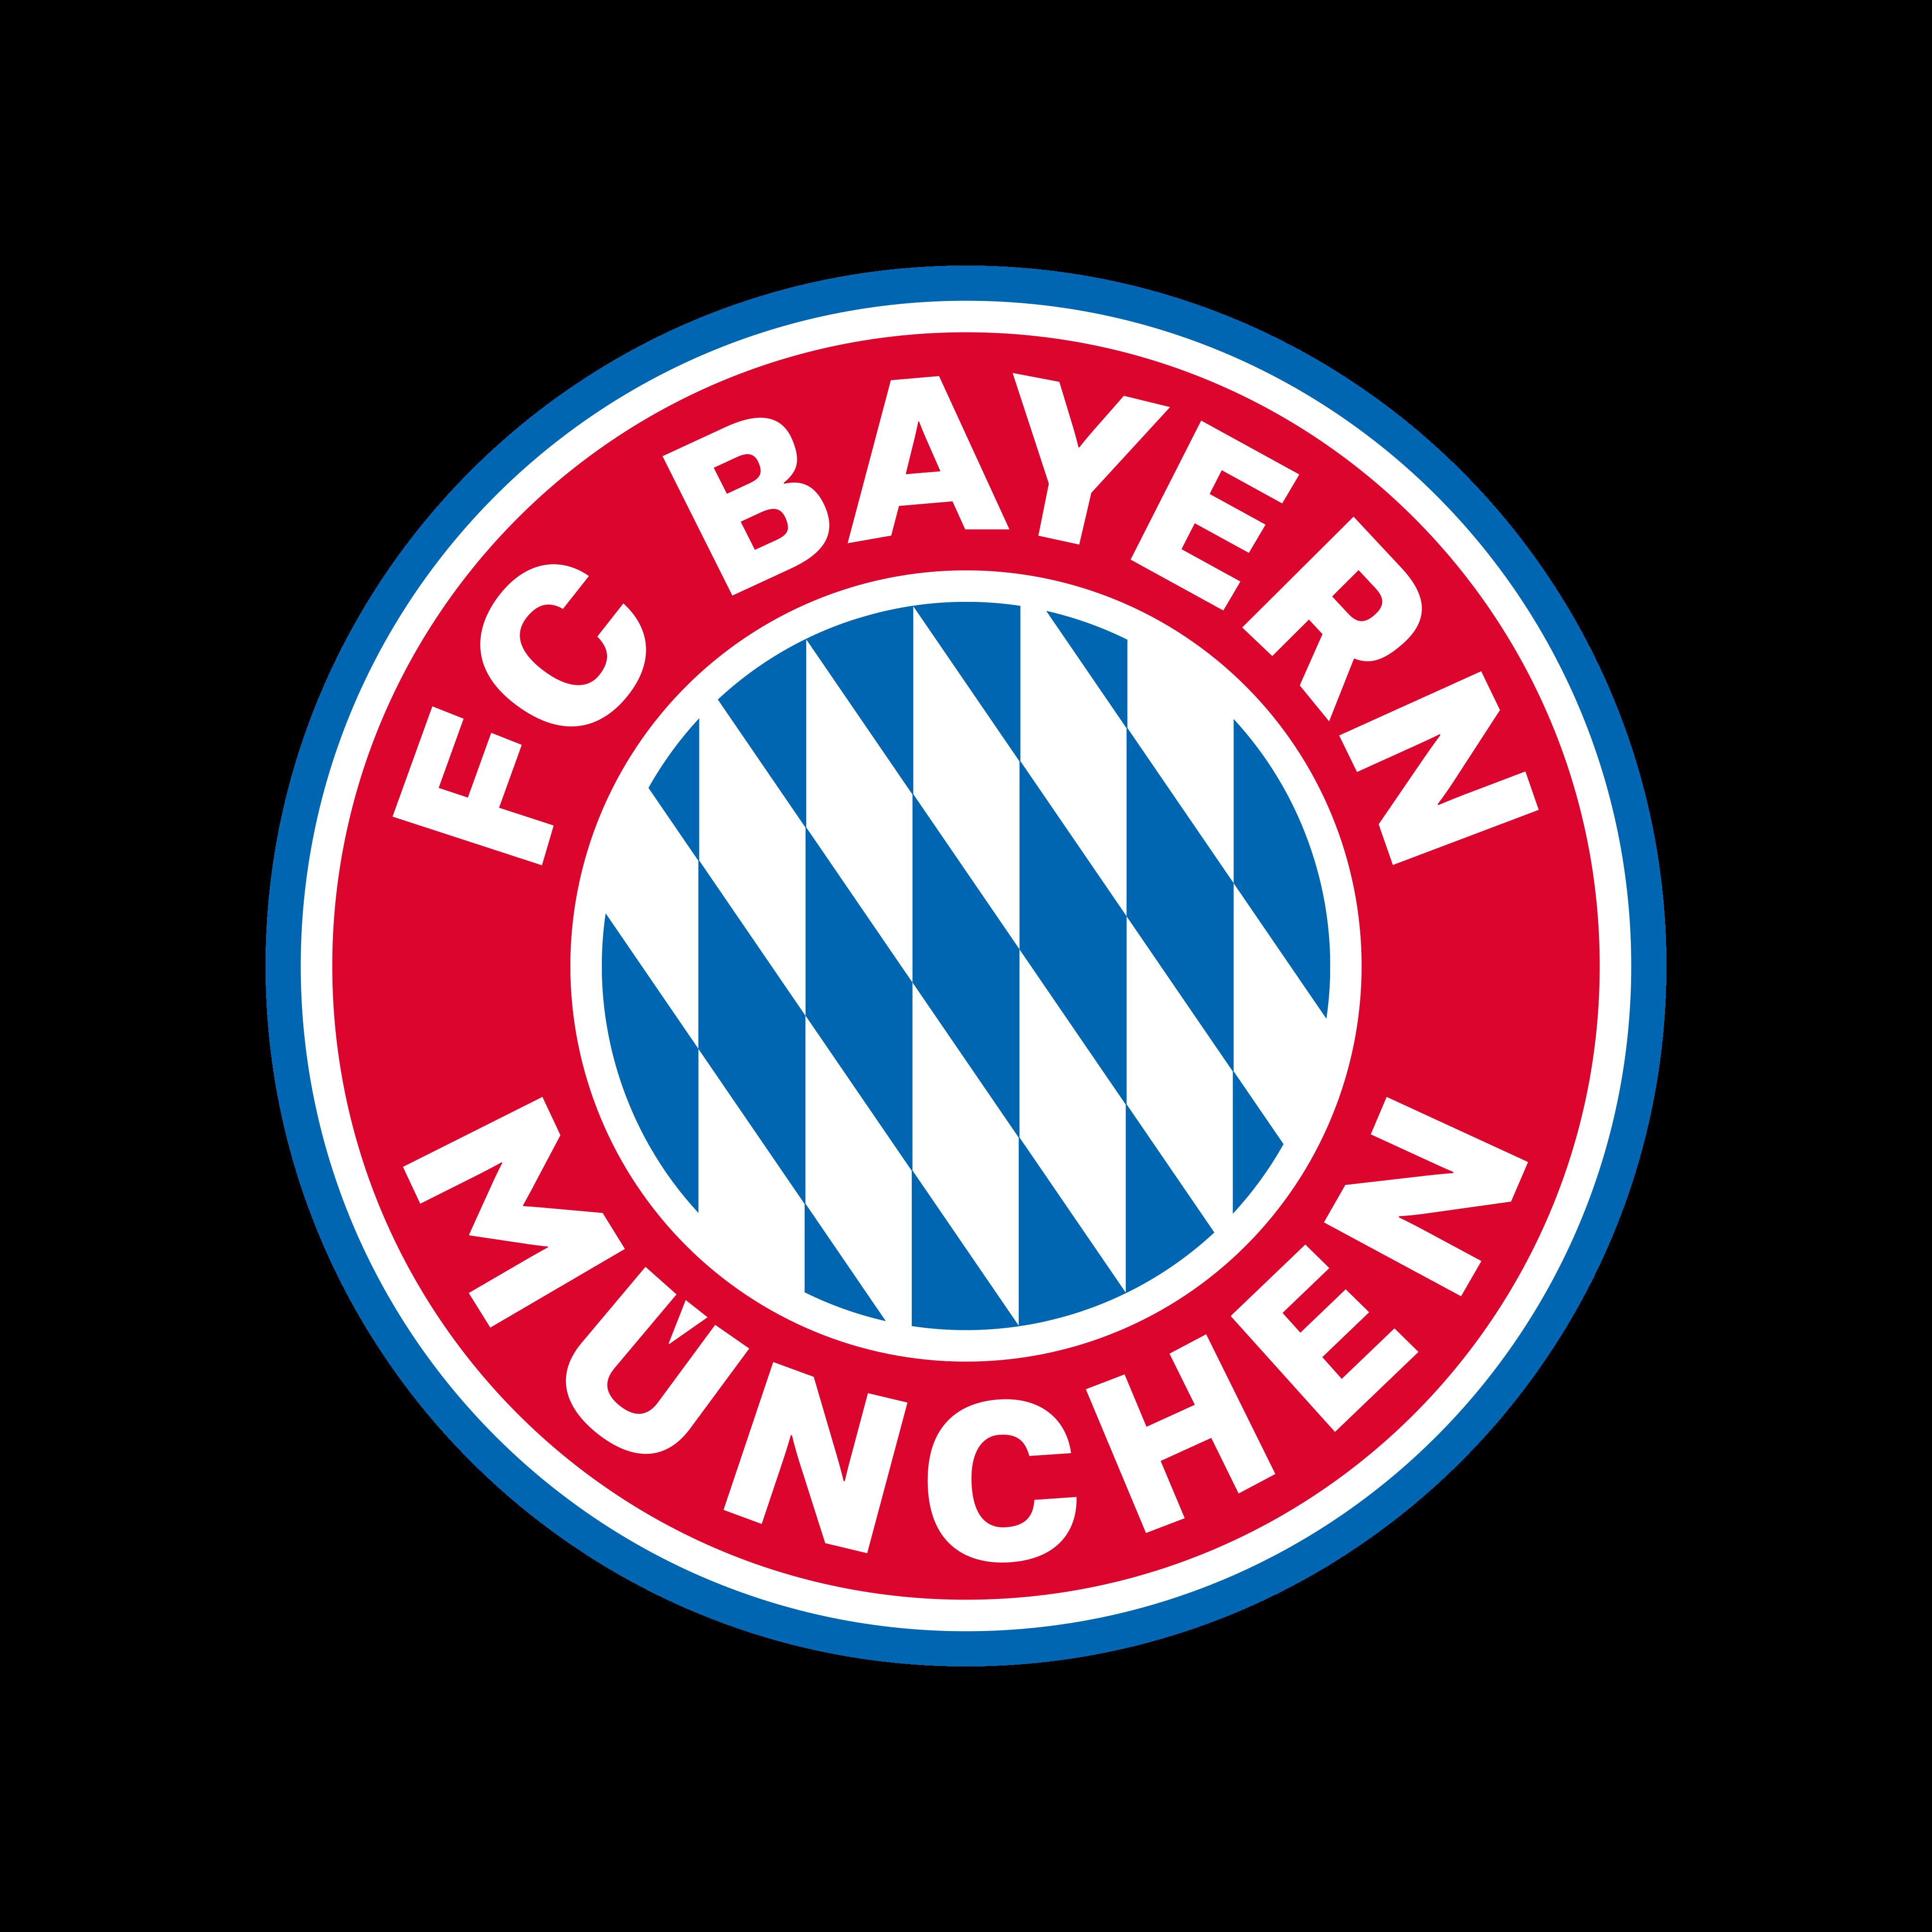 bayern munich logo 0 - Bayern Munich Logo